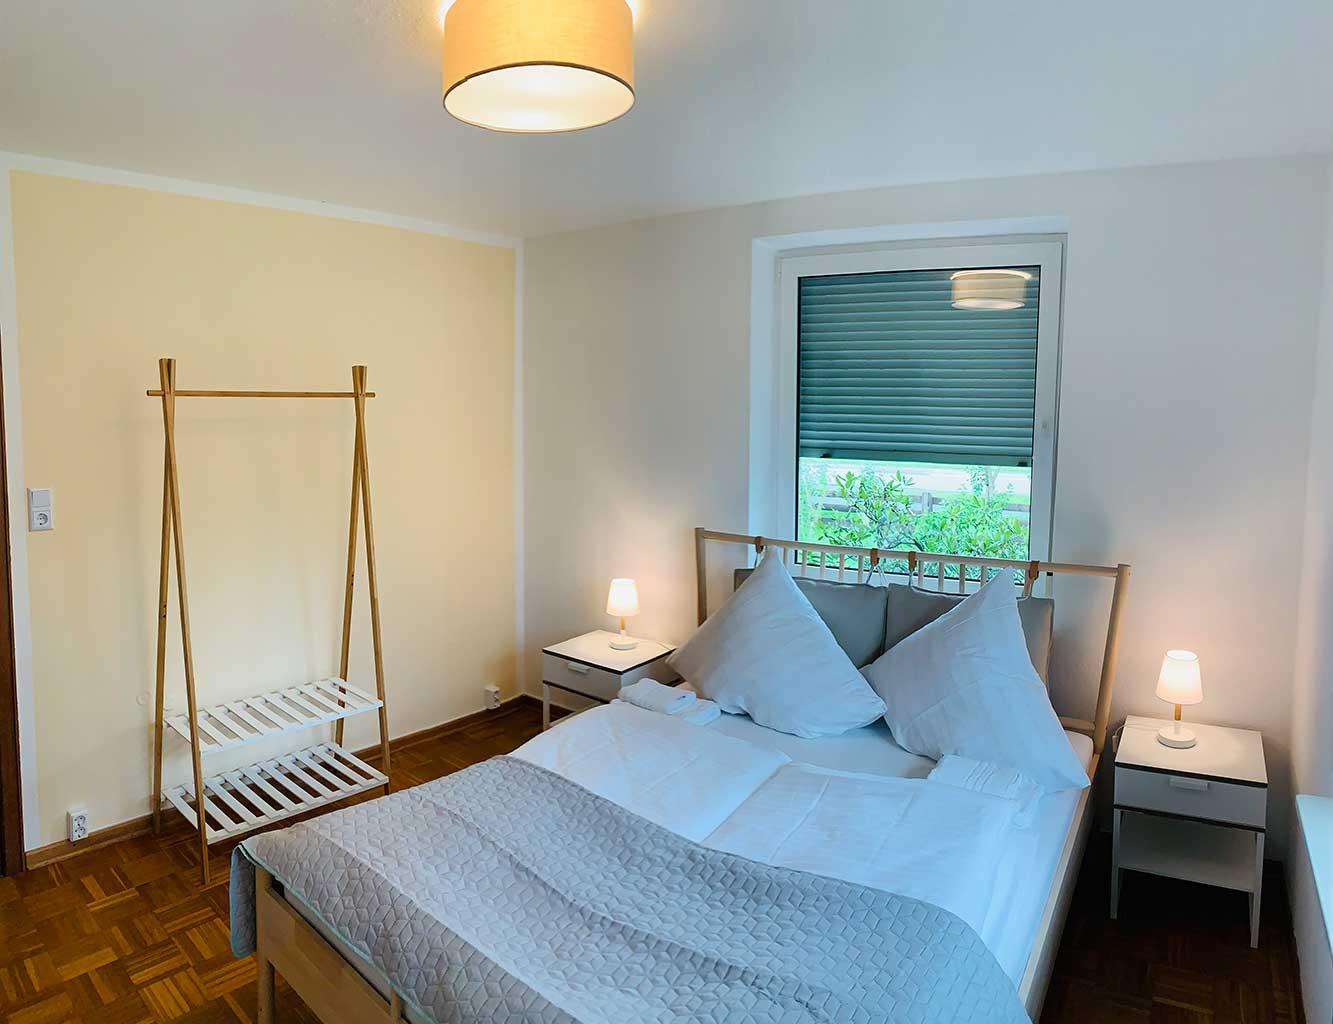 Hotel-Fährhaus-Kirschenland-Ferienwohnung-Erdgeschoss-Schlafzimmer-1